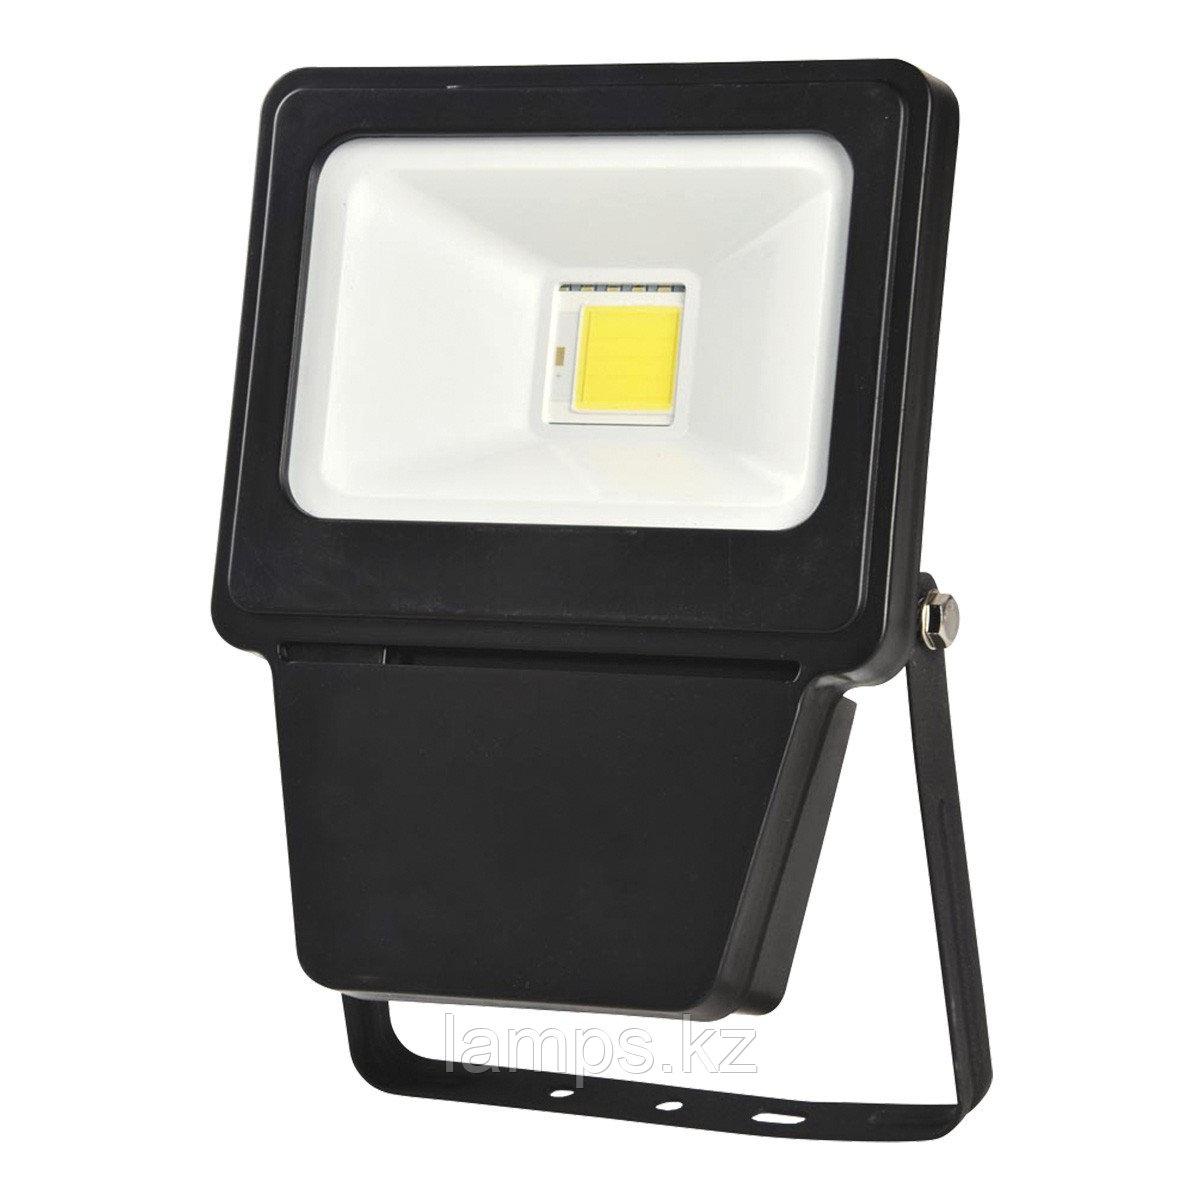 Светодиодный прожектор LED COB 20W BLACK 6000K